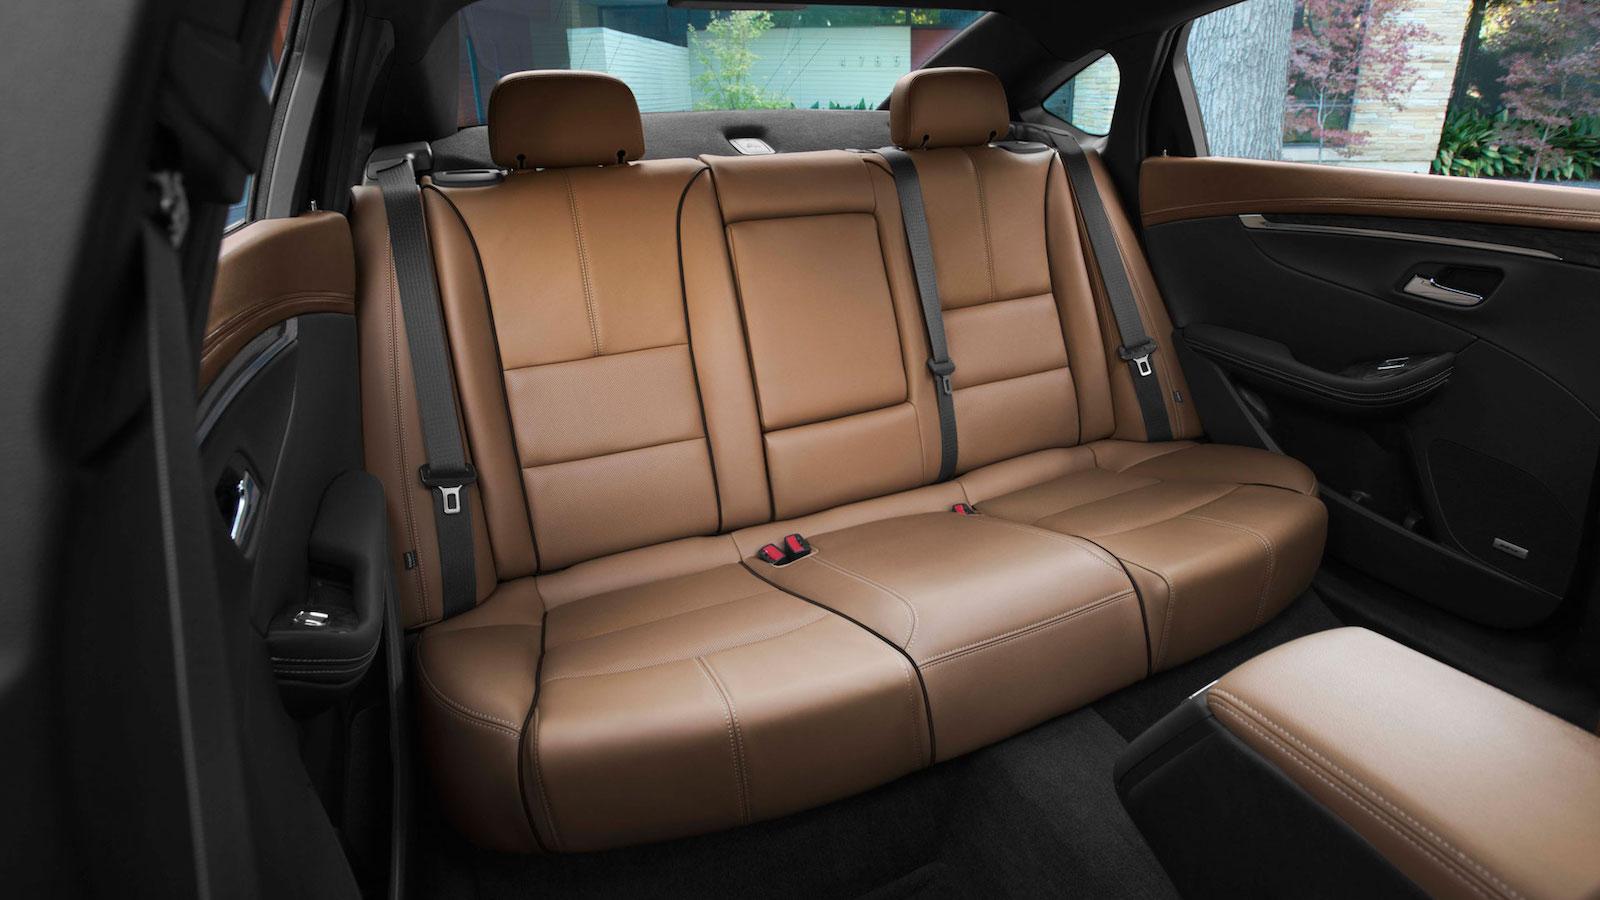 2016_Chevy_Impala_Safety